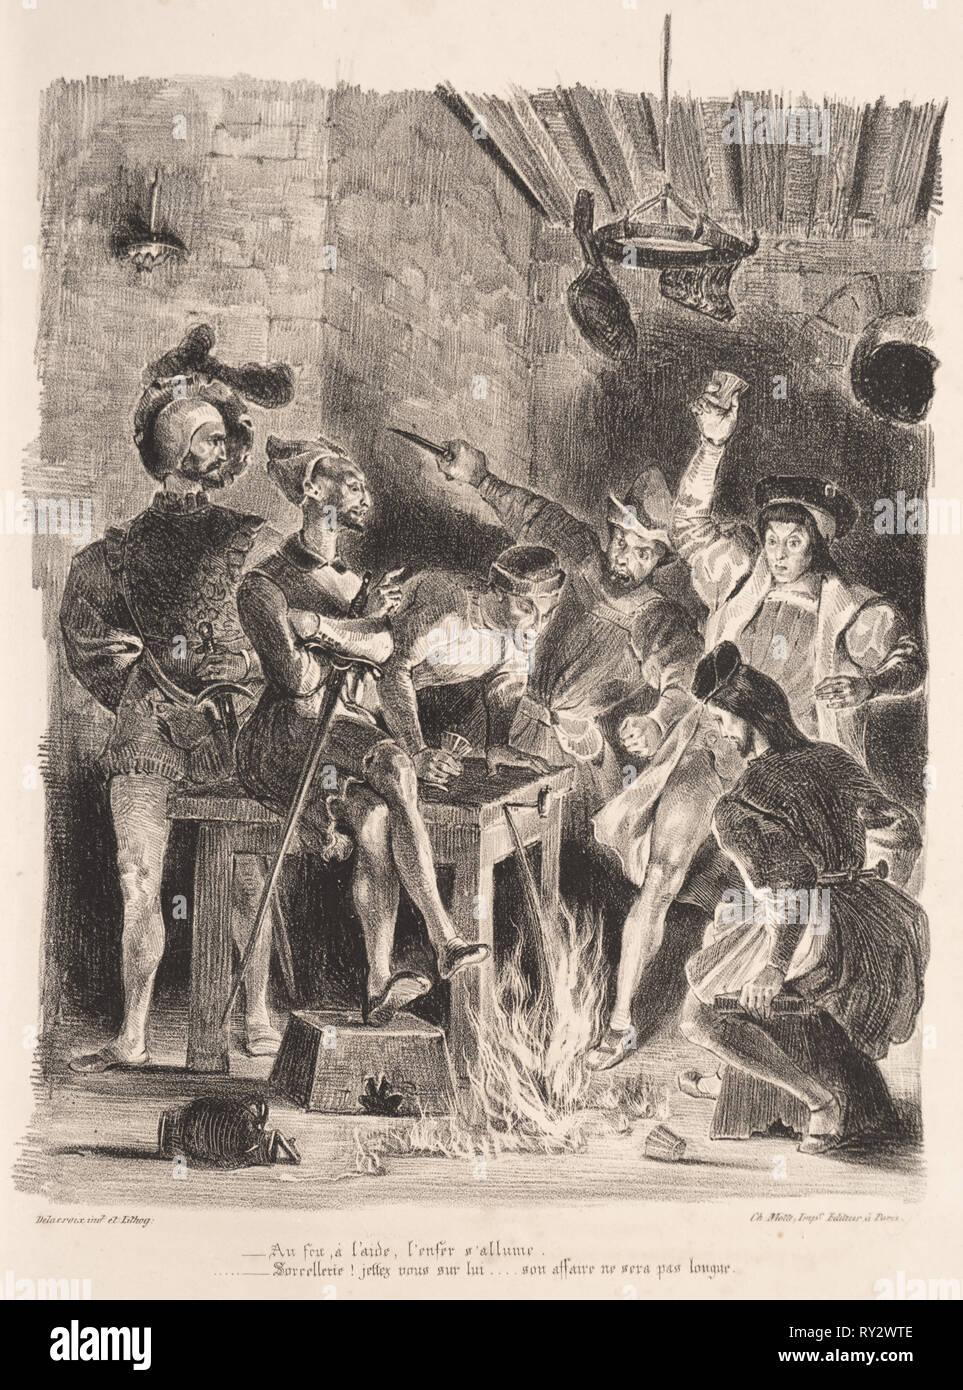 Faust: Tragédie de M. de Goethe, translated into French by Albert Stapfer.: Illustrations for Faust:  Méphistophélés in the tavern of the students, 1828. Eugène Delacroix (French, 1798-1863), Chez Ch. Motte, Éditeur, distributed by Chez Sautelet, Libraire. Lithograph - Stock Image